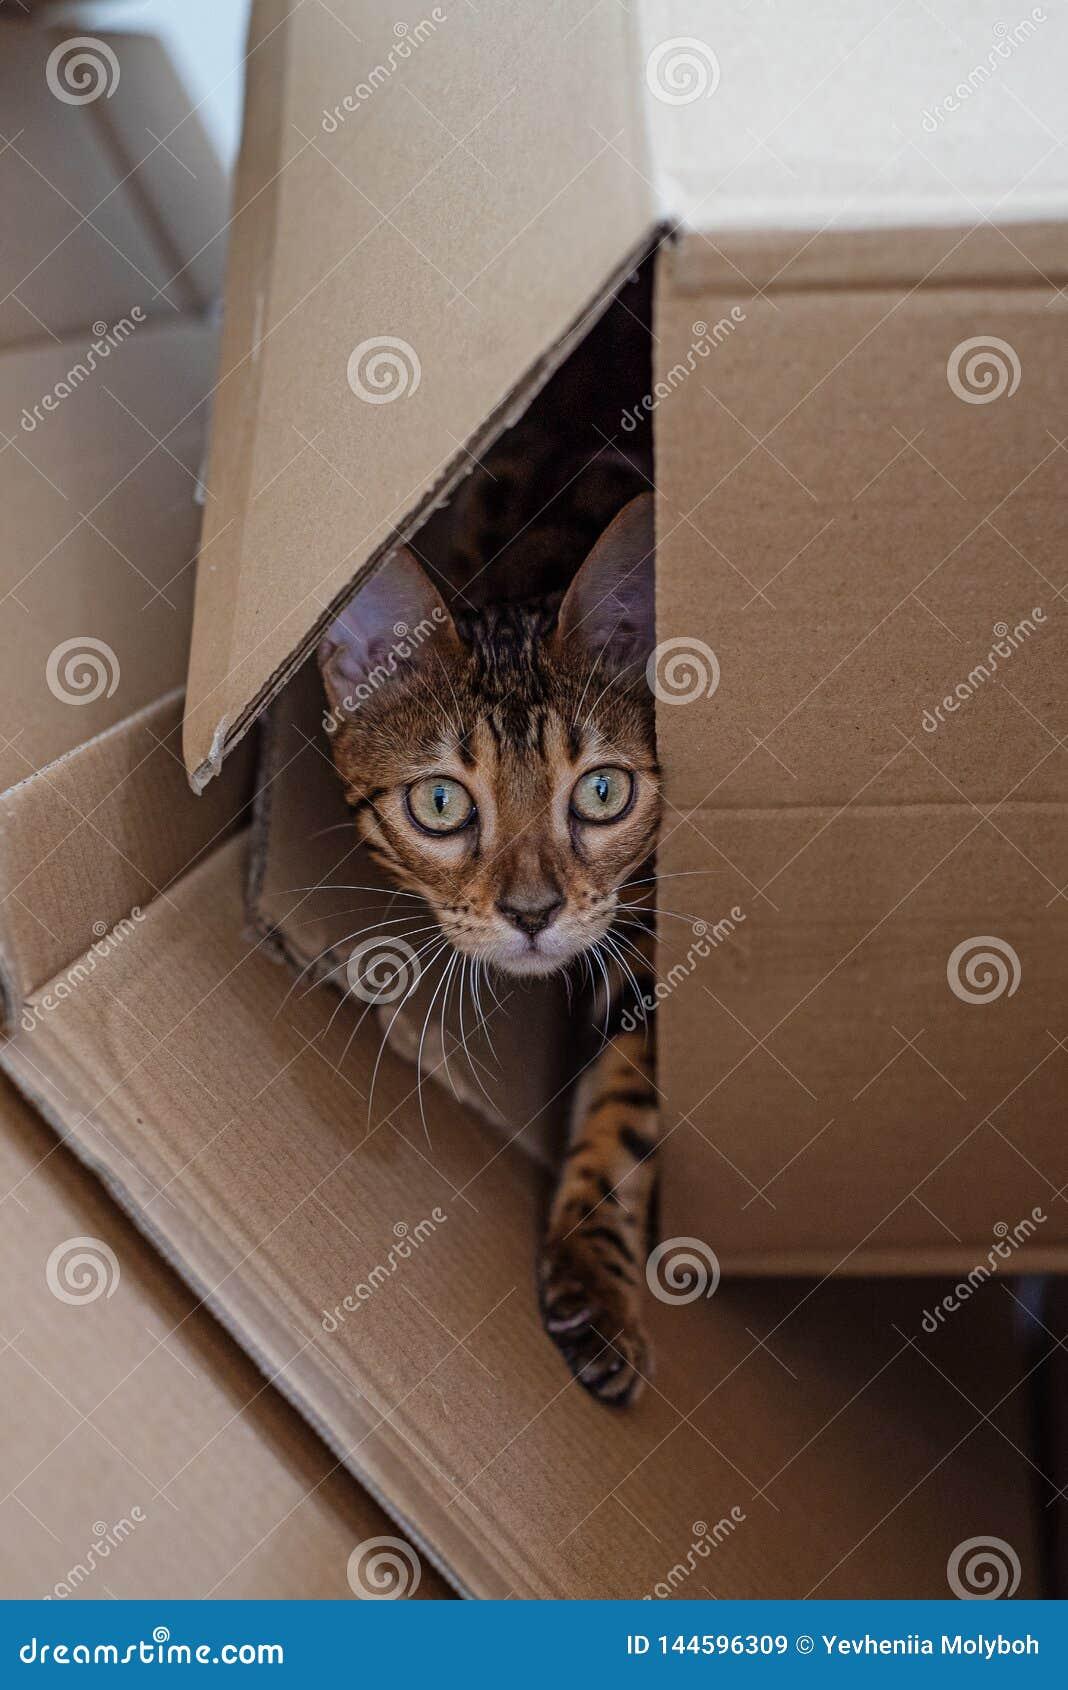 Котенок Бенгалии смотрит из картонной коробки